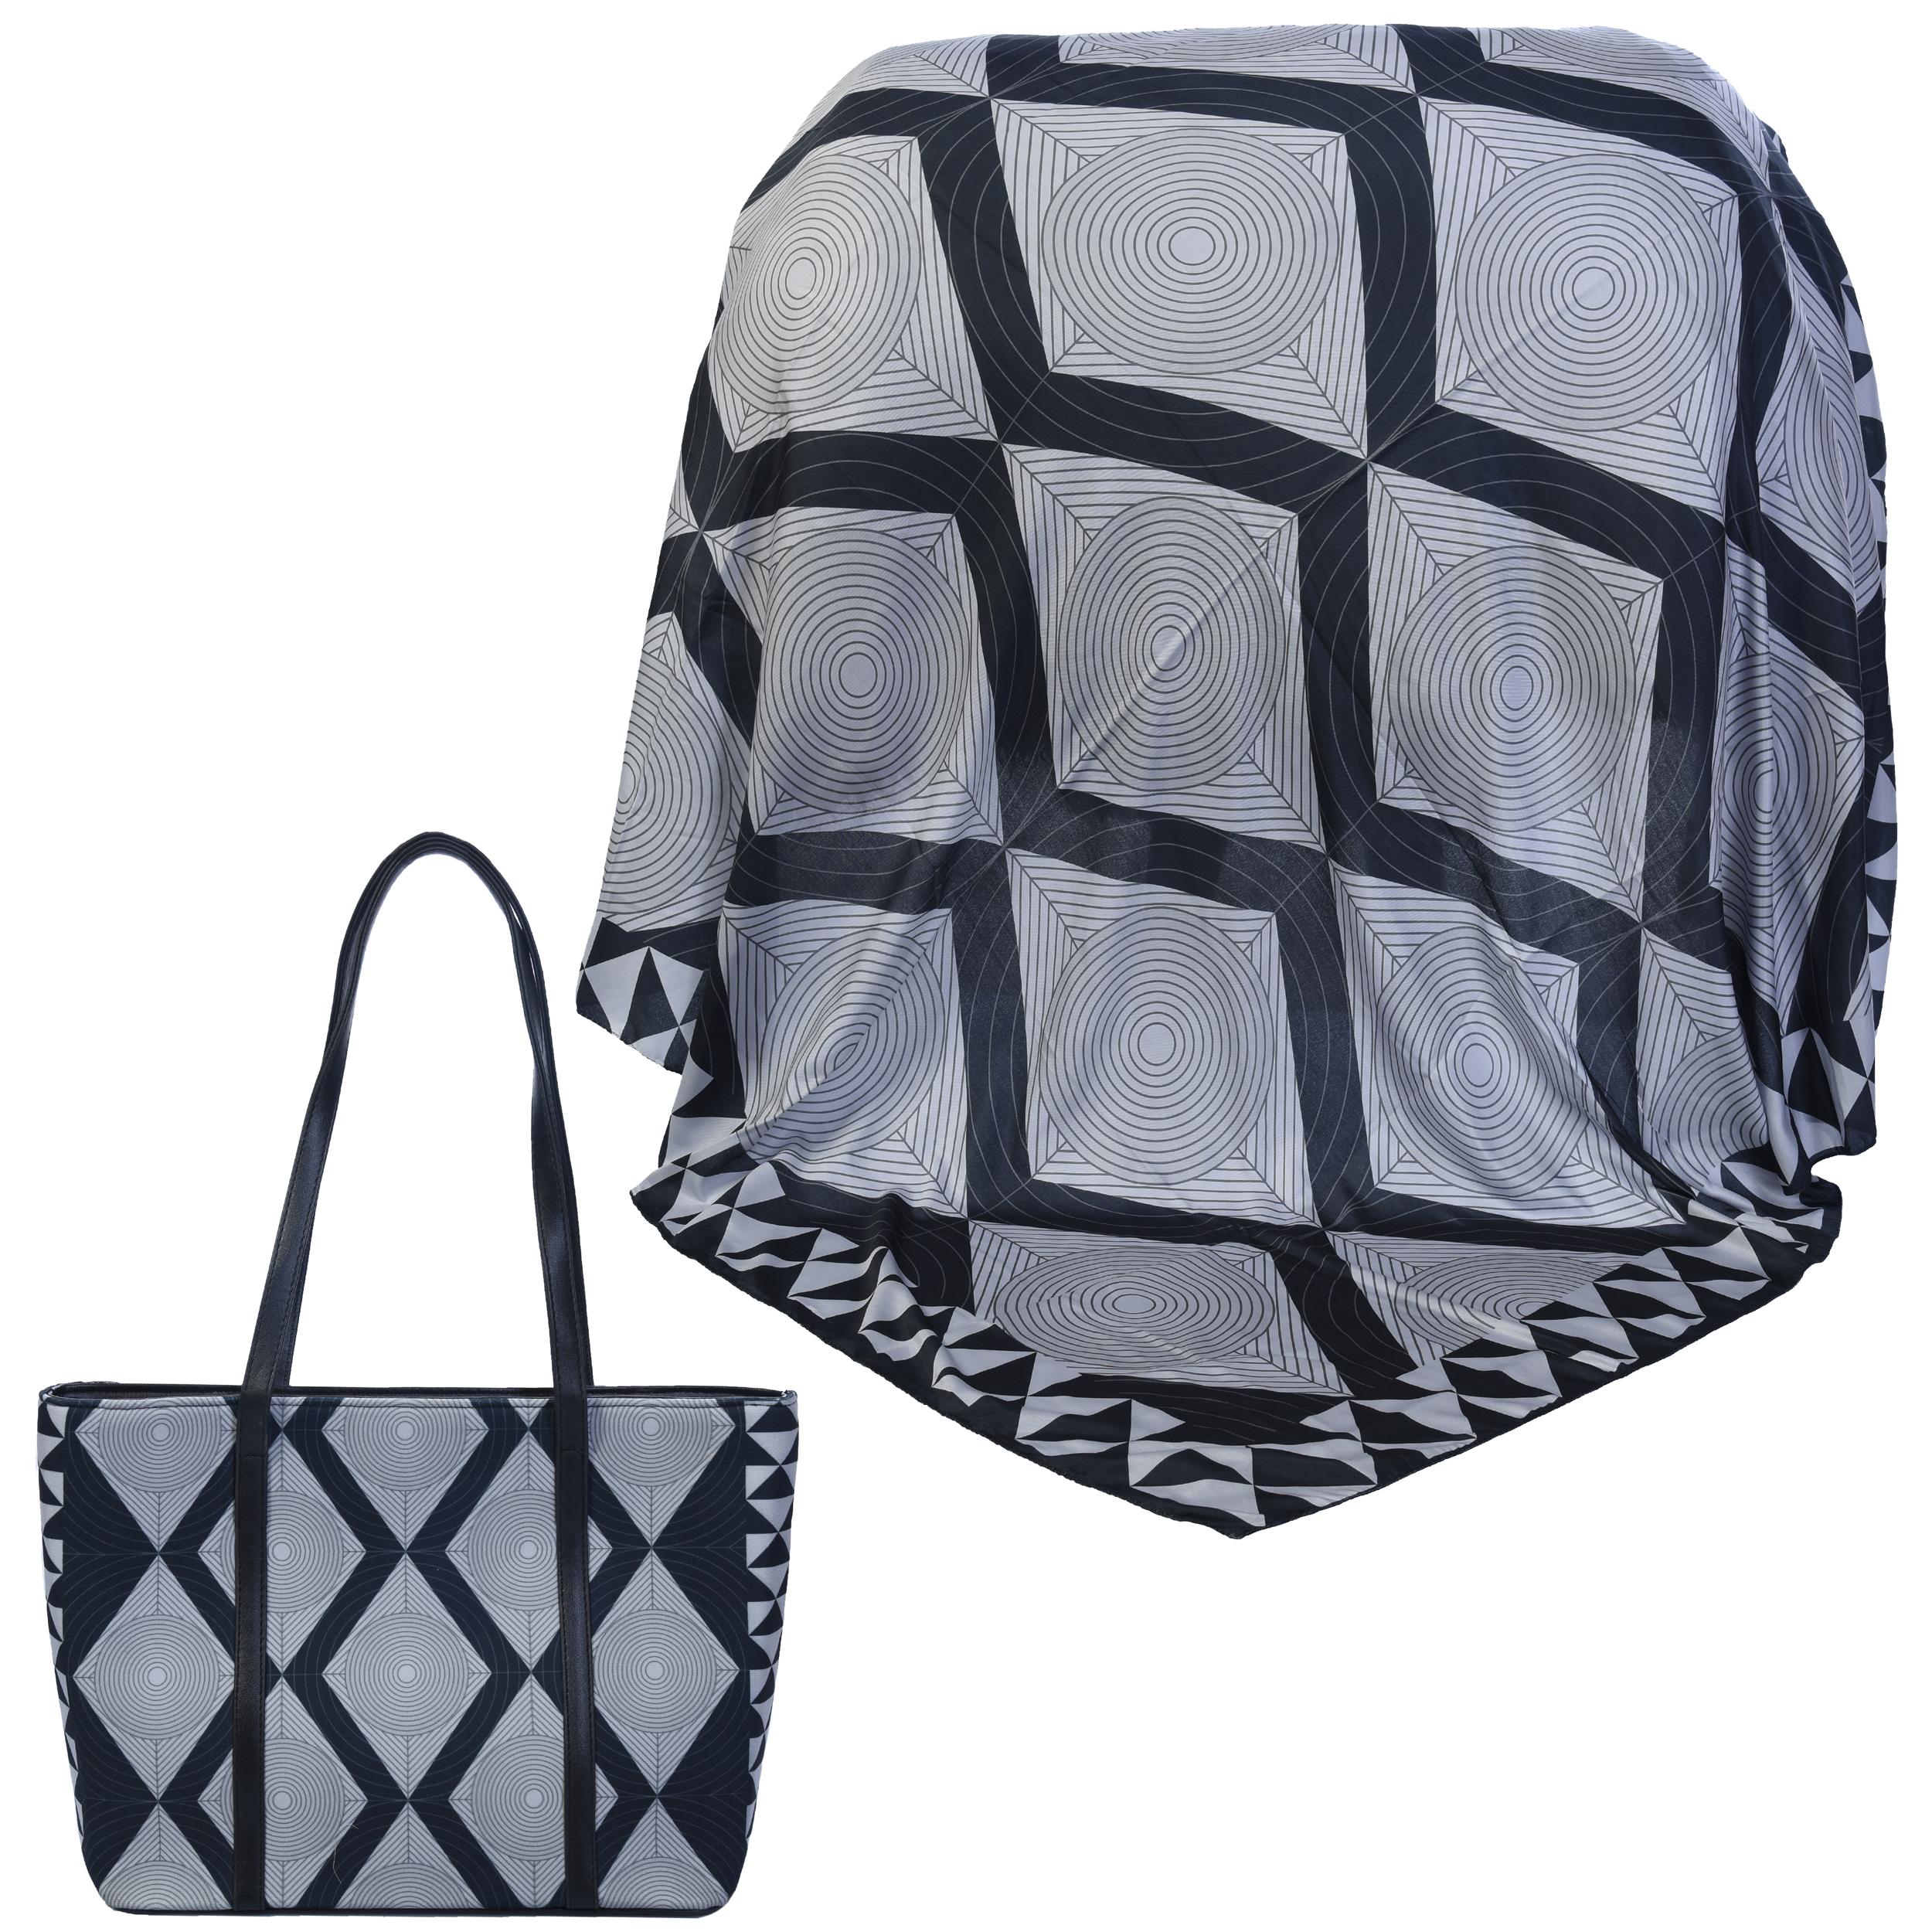 ست کیف و روسری زنانه کد 990105-T1